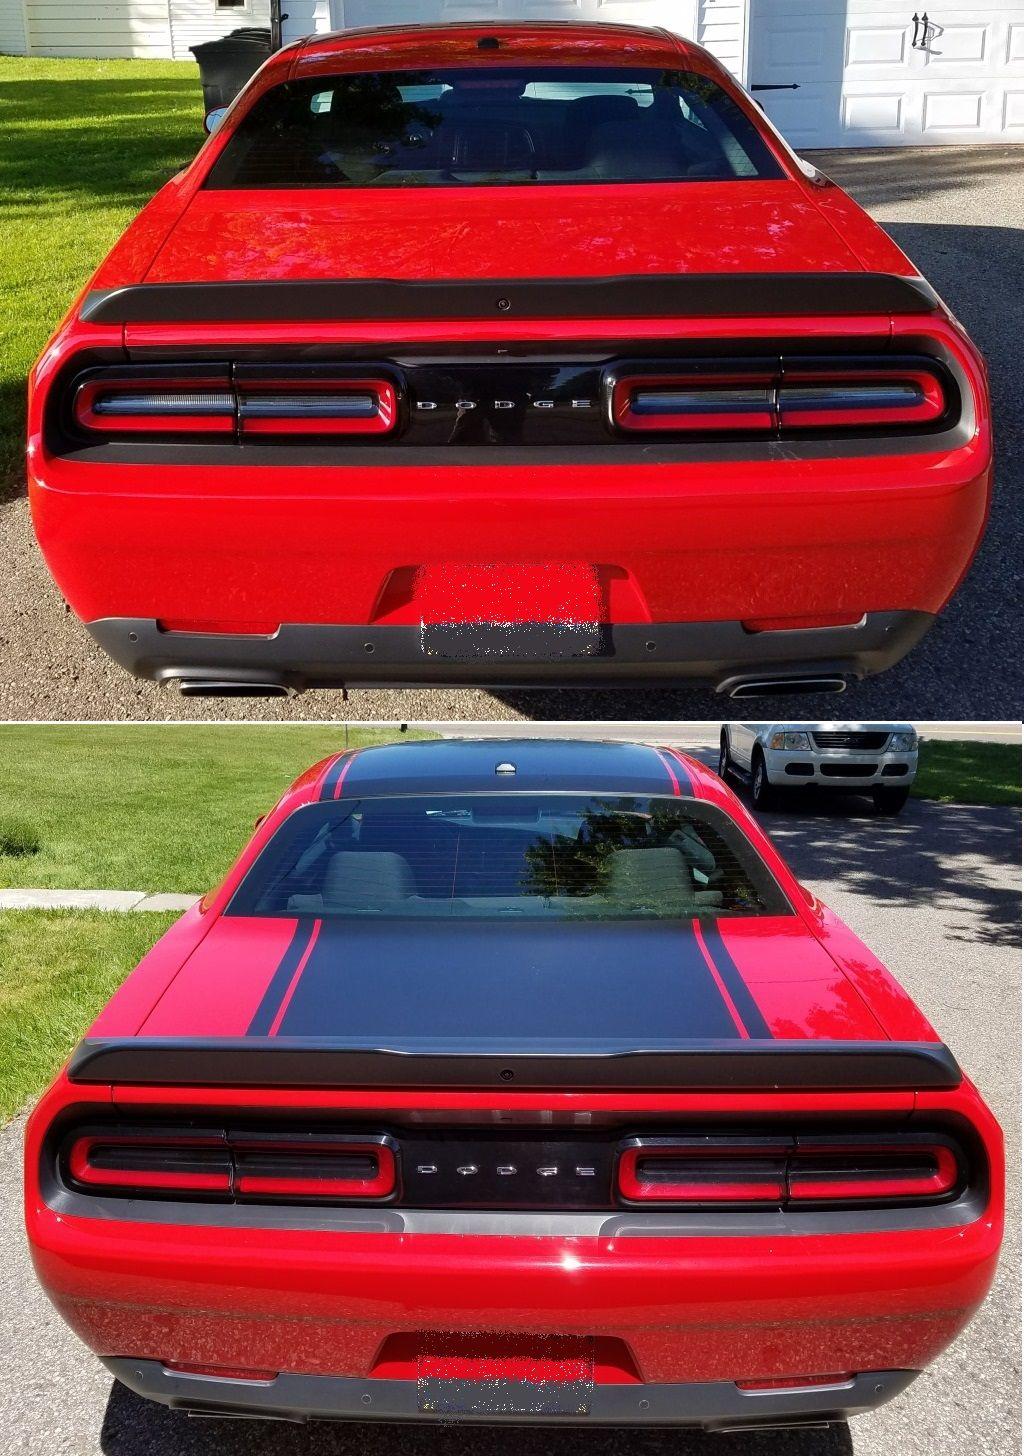 Satin black custom hood roof decklid wrap for a red dodge challenger